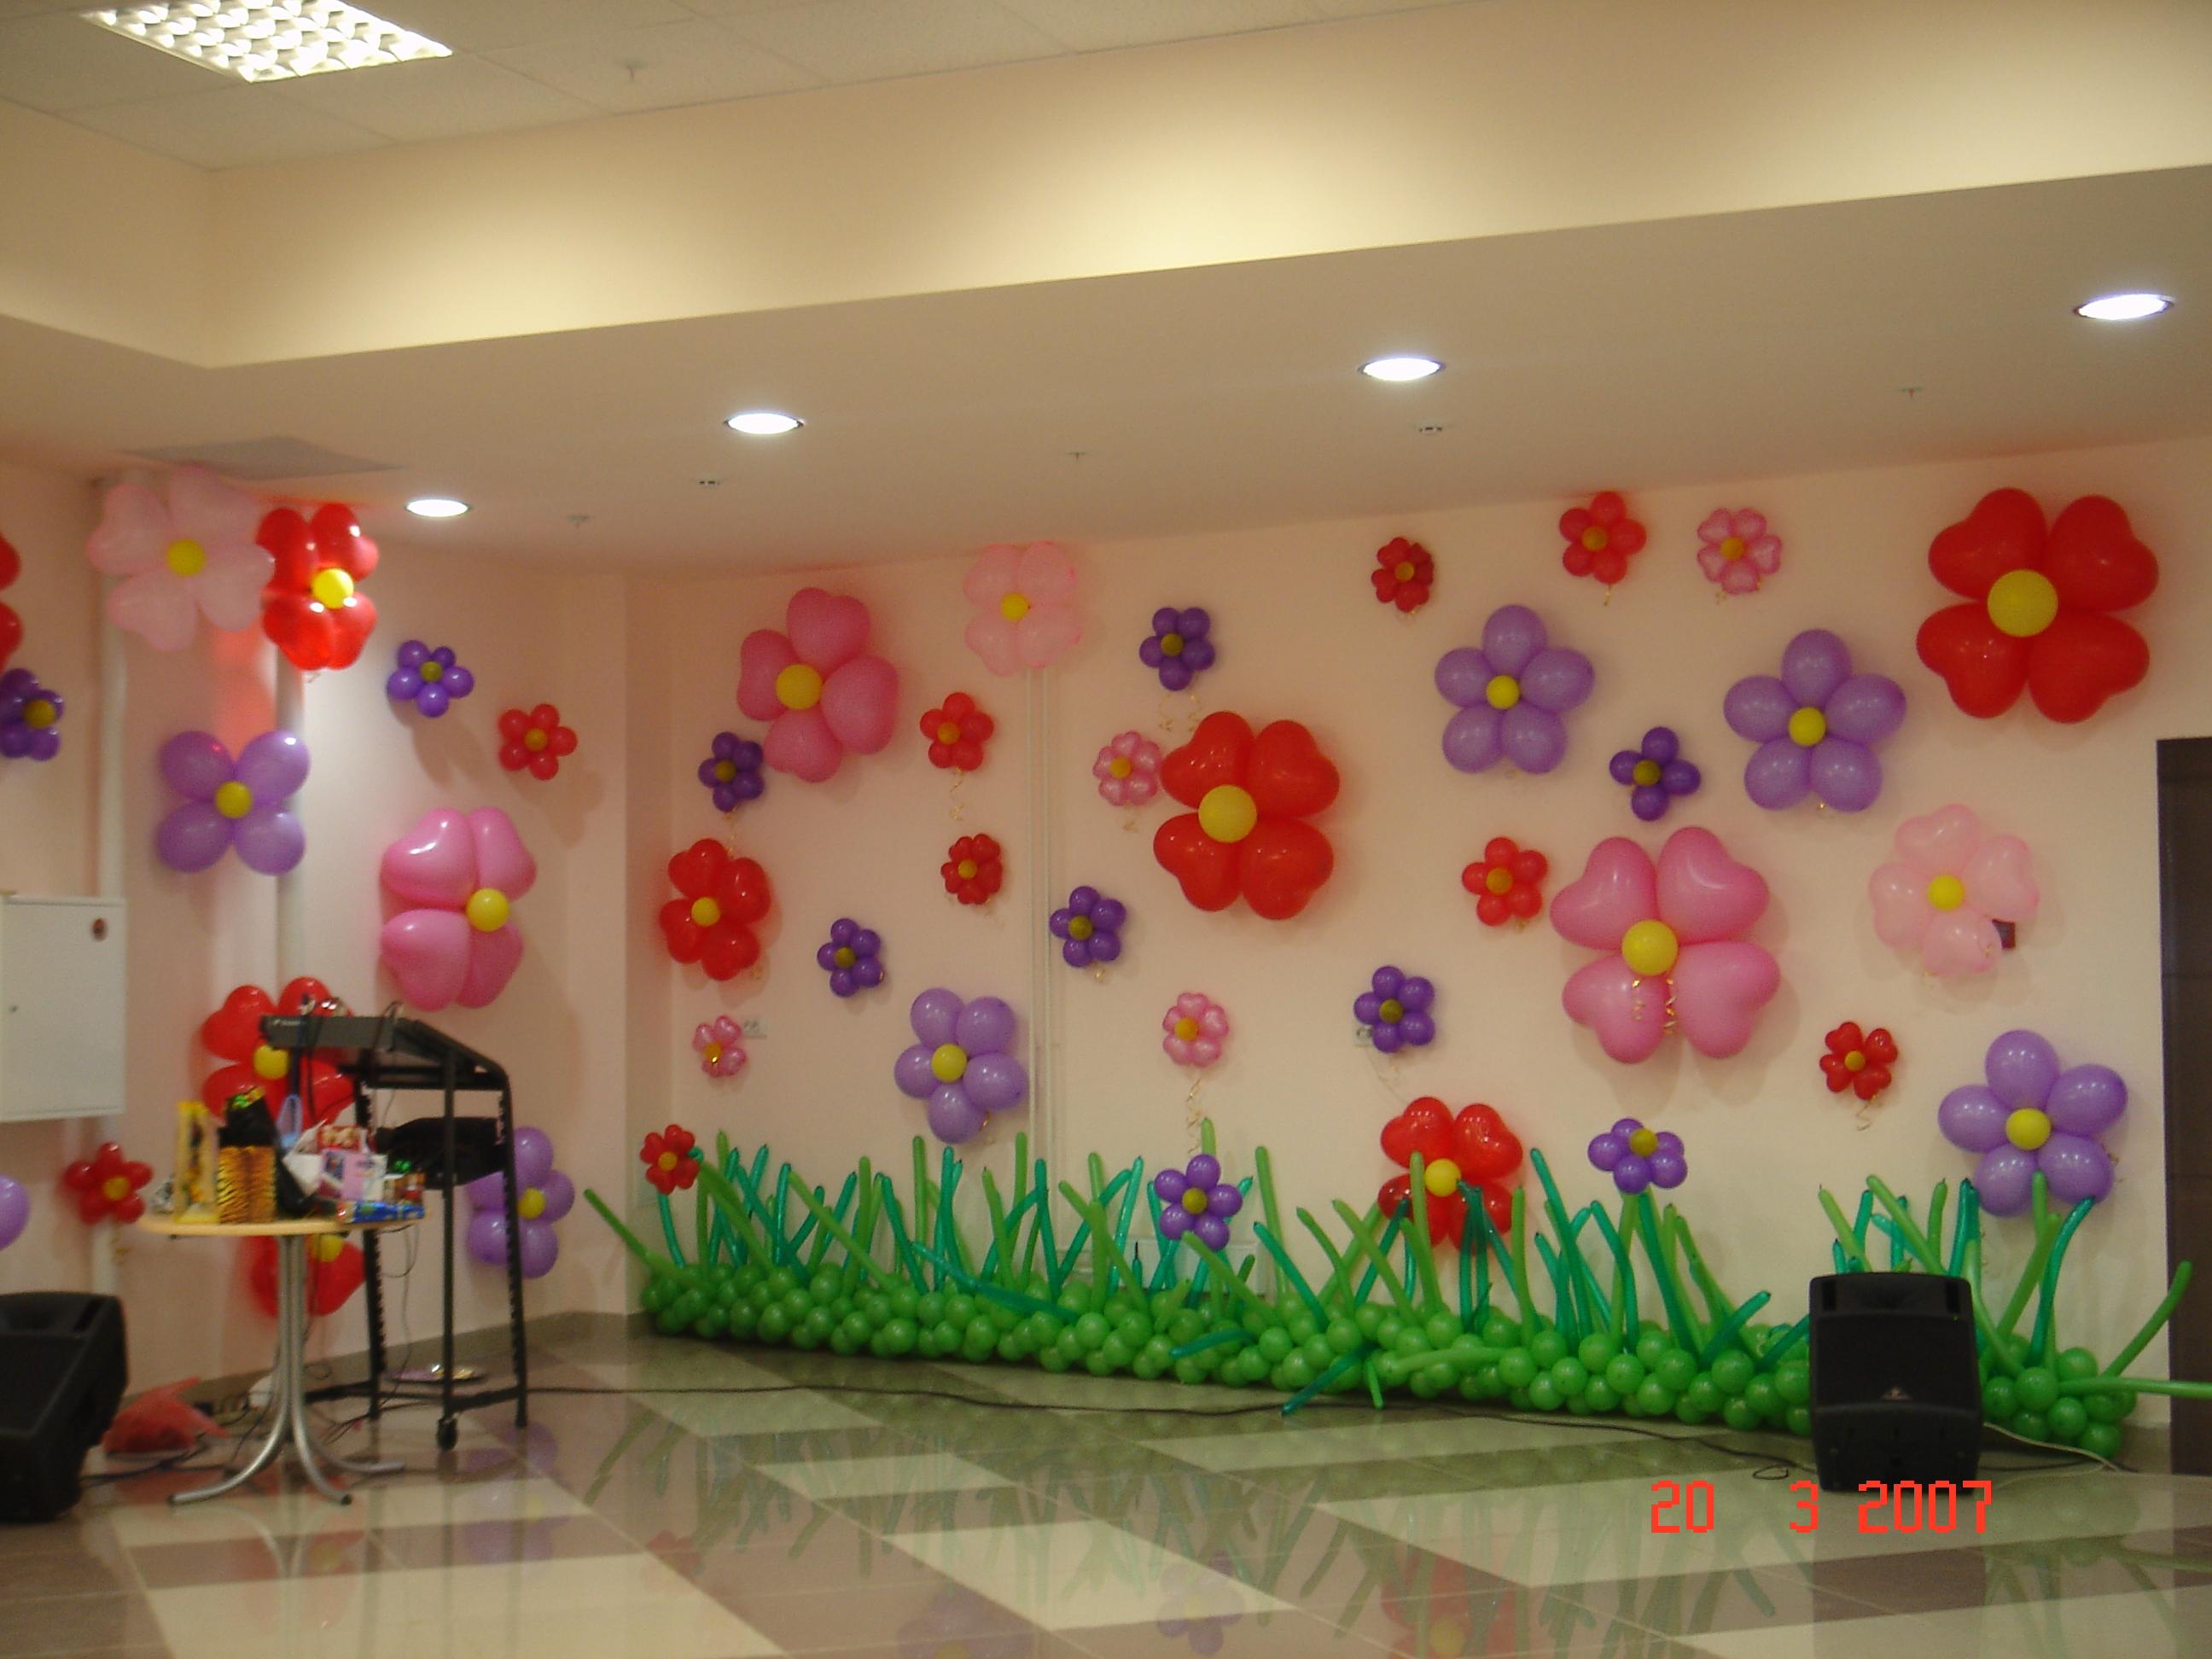 Сказочное оформление воздушными шарами для детского праздника.  Владивосток).